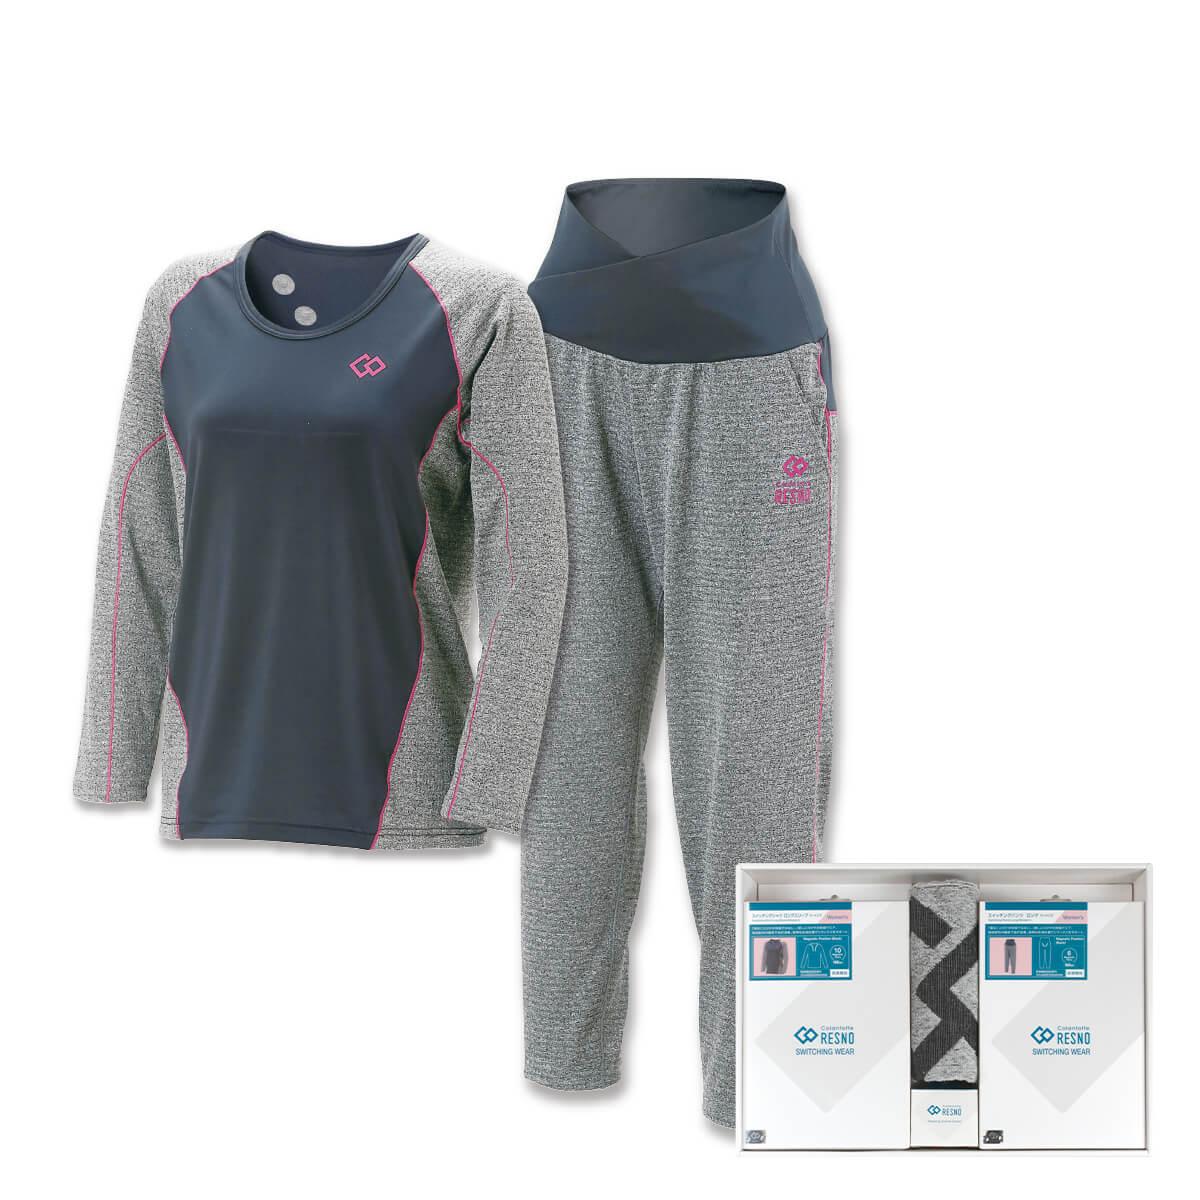 コラントッテRESNO スイッチングシャツ & パンツセット WOMEN'S(ロング × ロング)